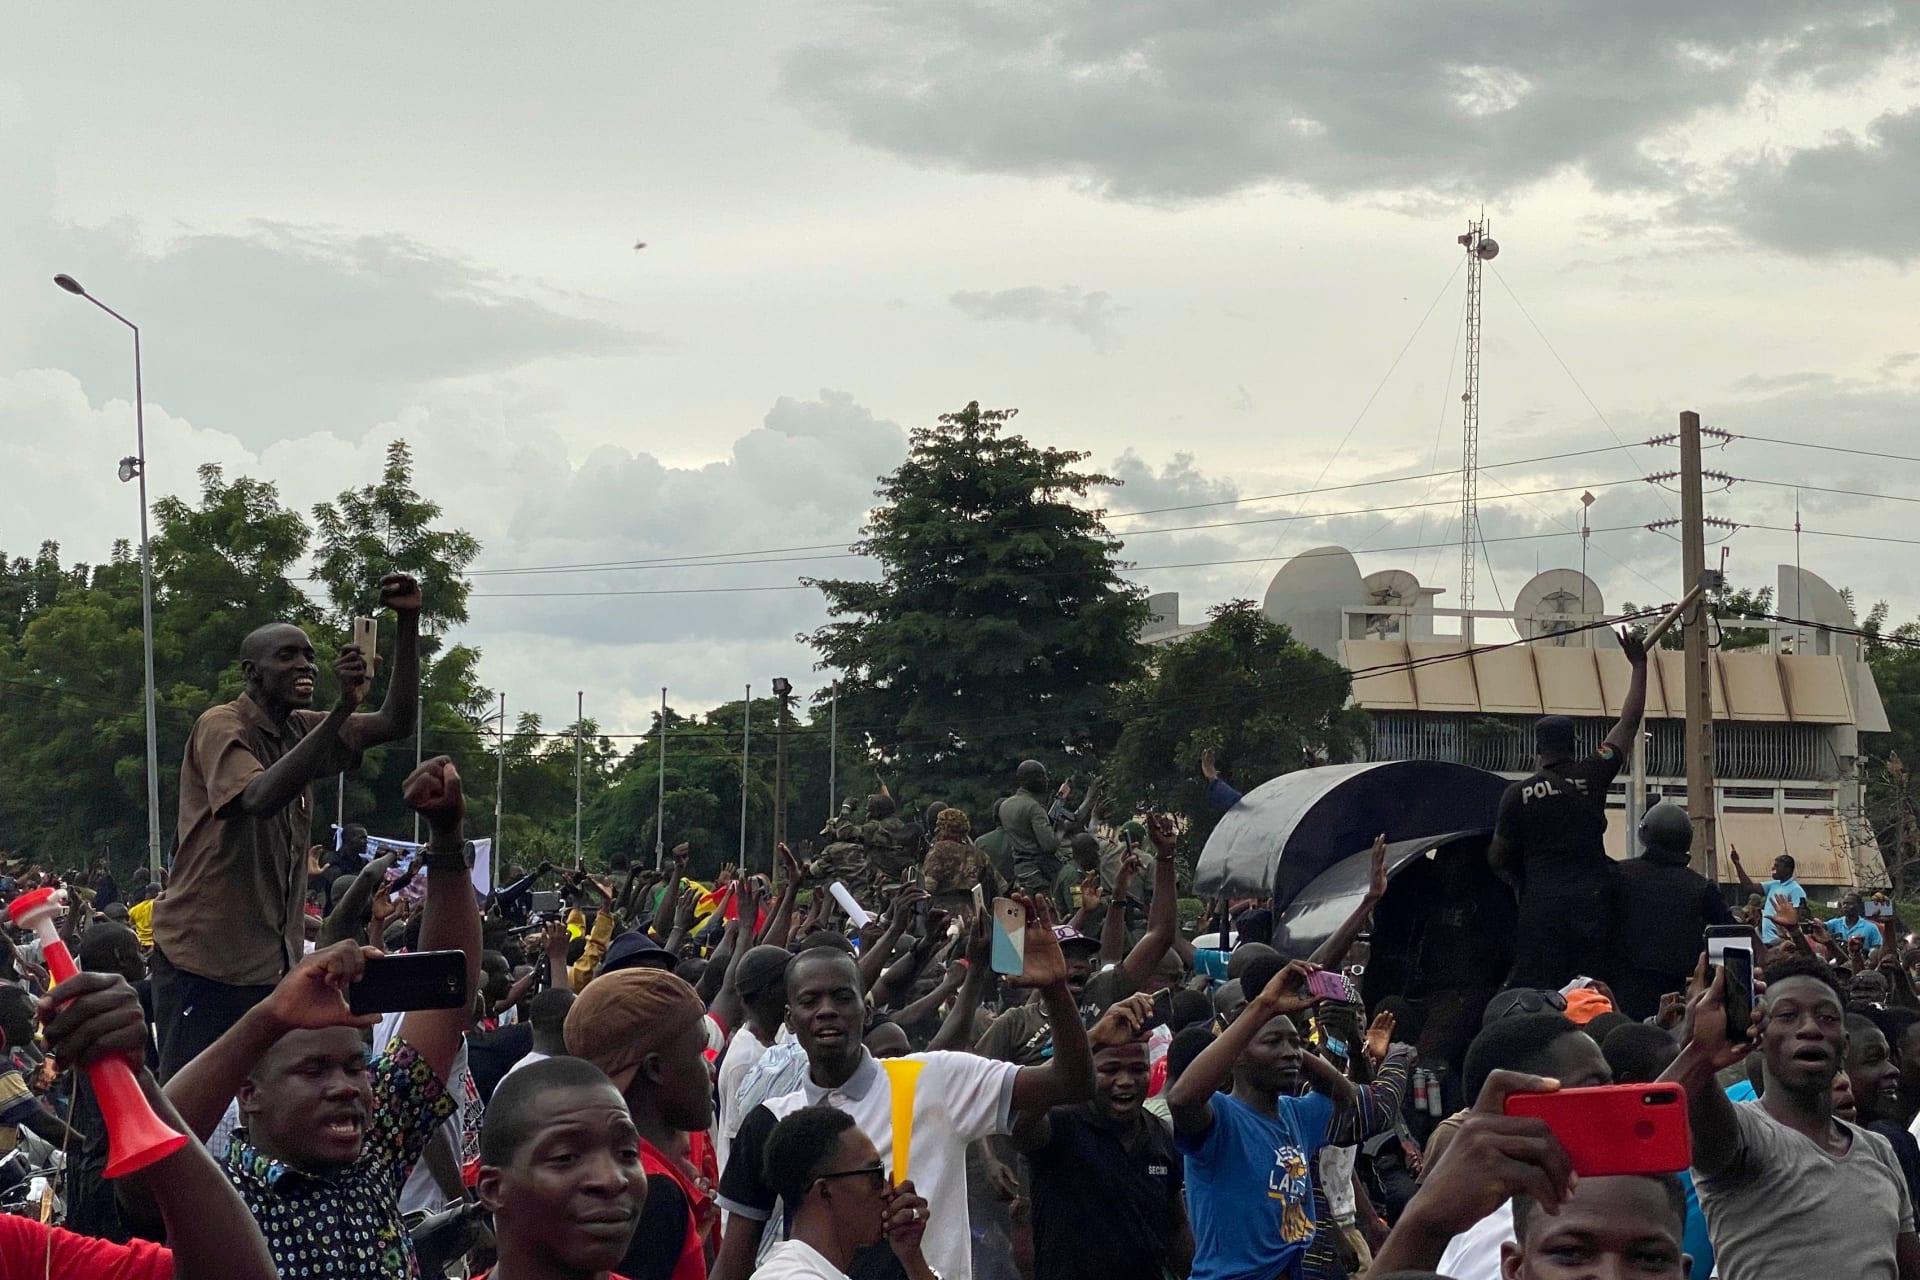 الاتحاد الأفريقي يدين اعتقال رئيس مالي ورئيس الحكومة من قبل متمردي الجيش